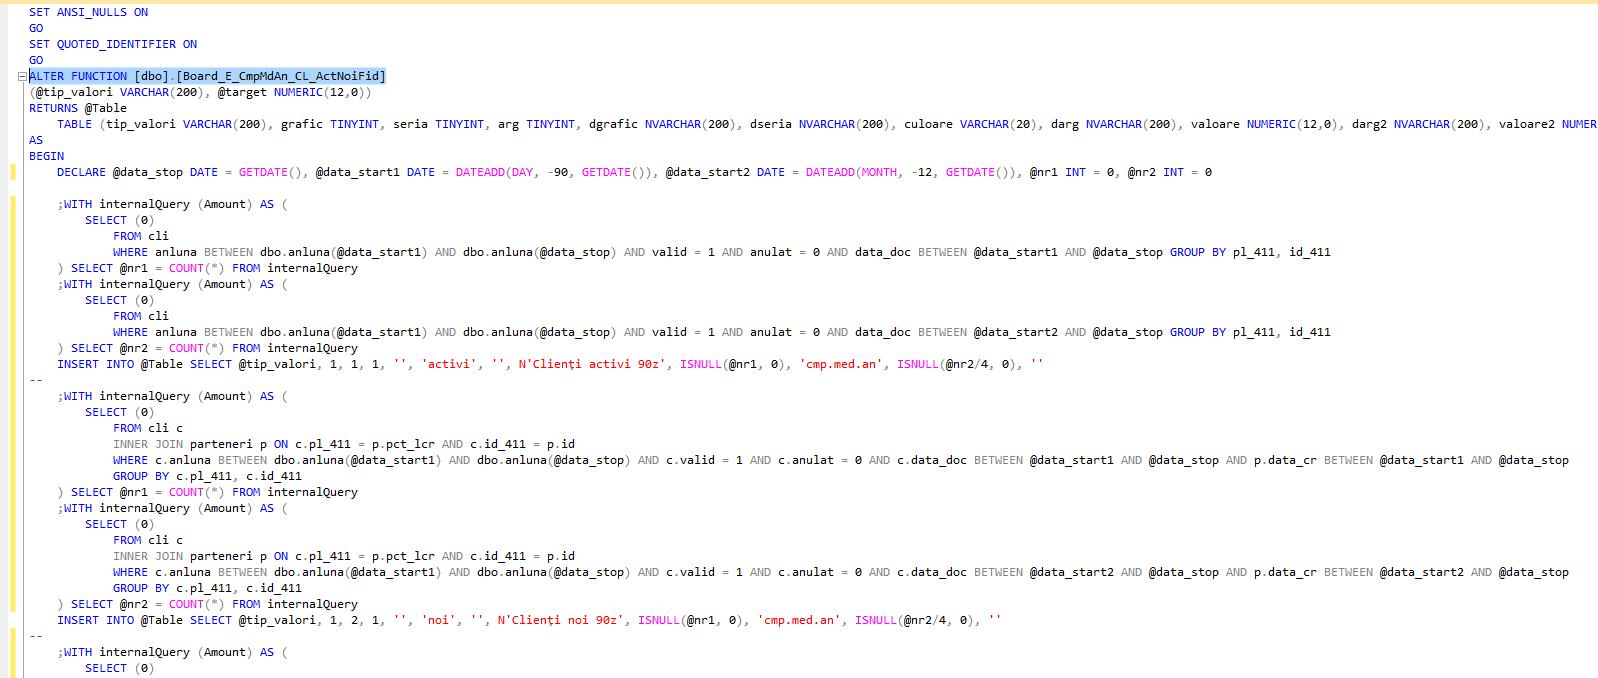 functie transact sql grafic dashboard clienti activi noi fideli 90 zile comparativ cu ultimul an